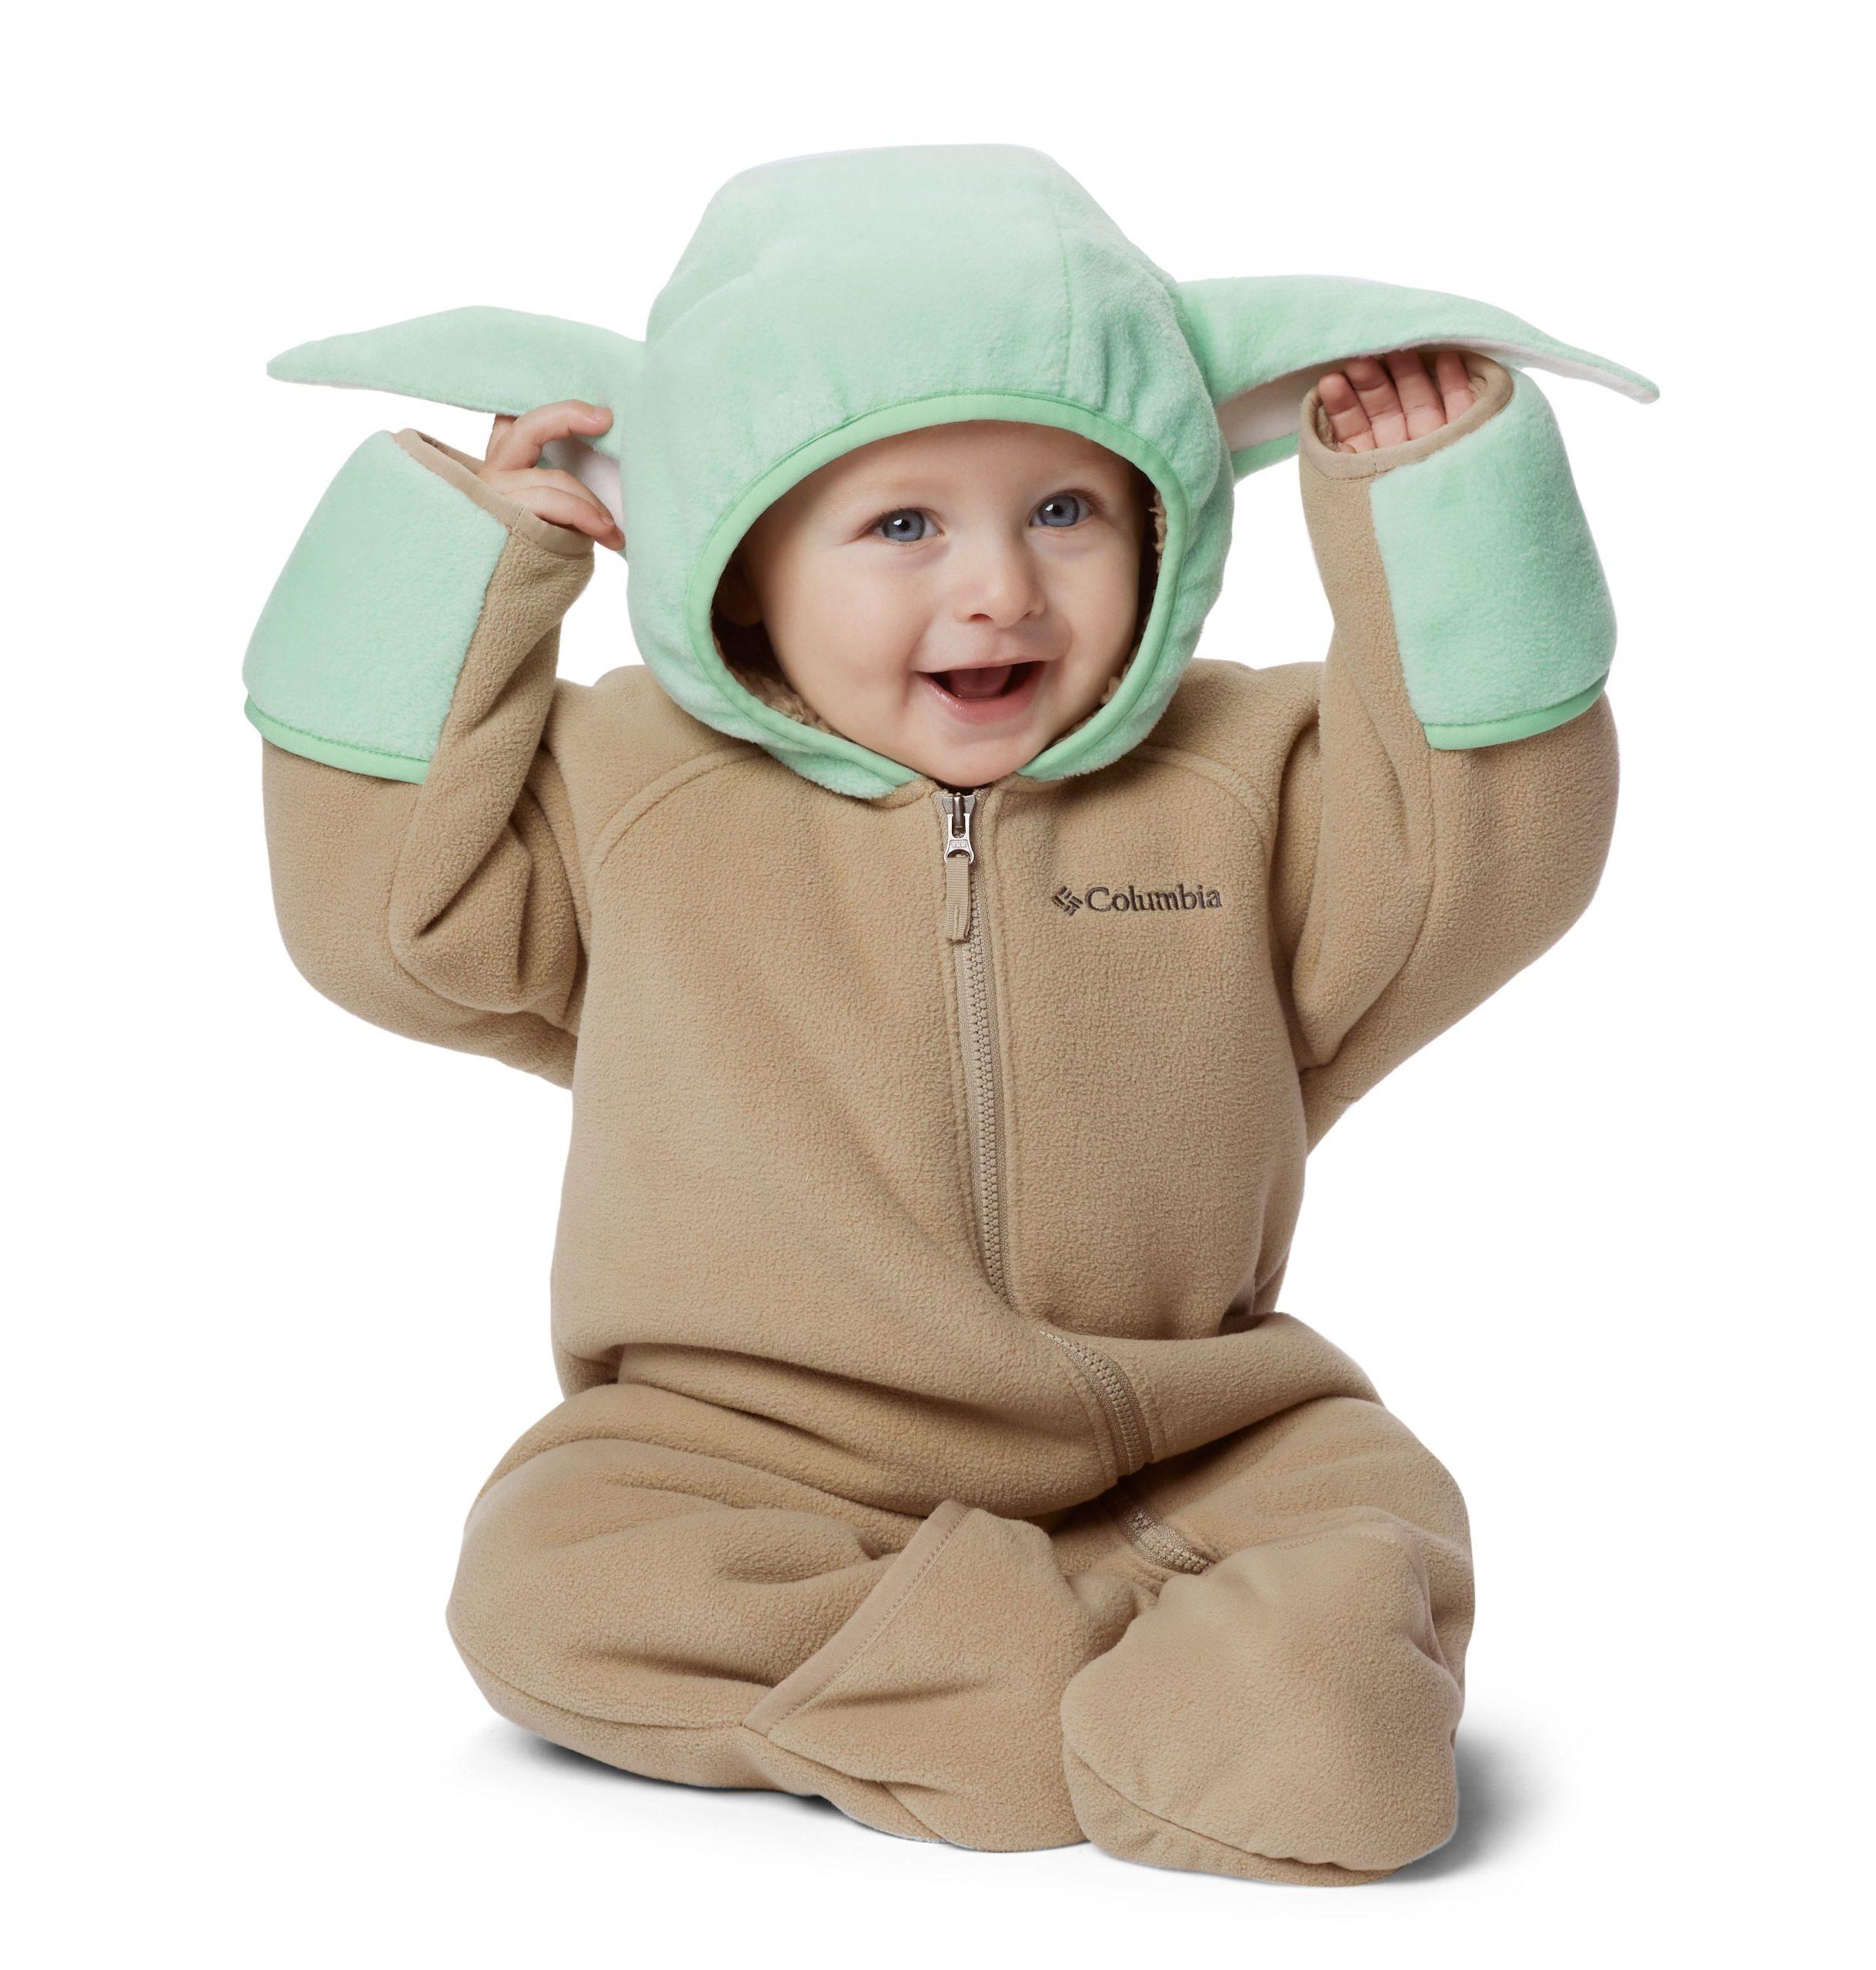 Habillez votre tout-petit avec style dans une combinaison rappelant le look de l'Enfant